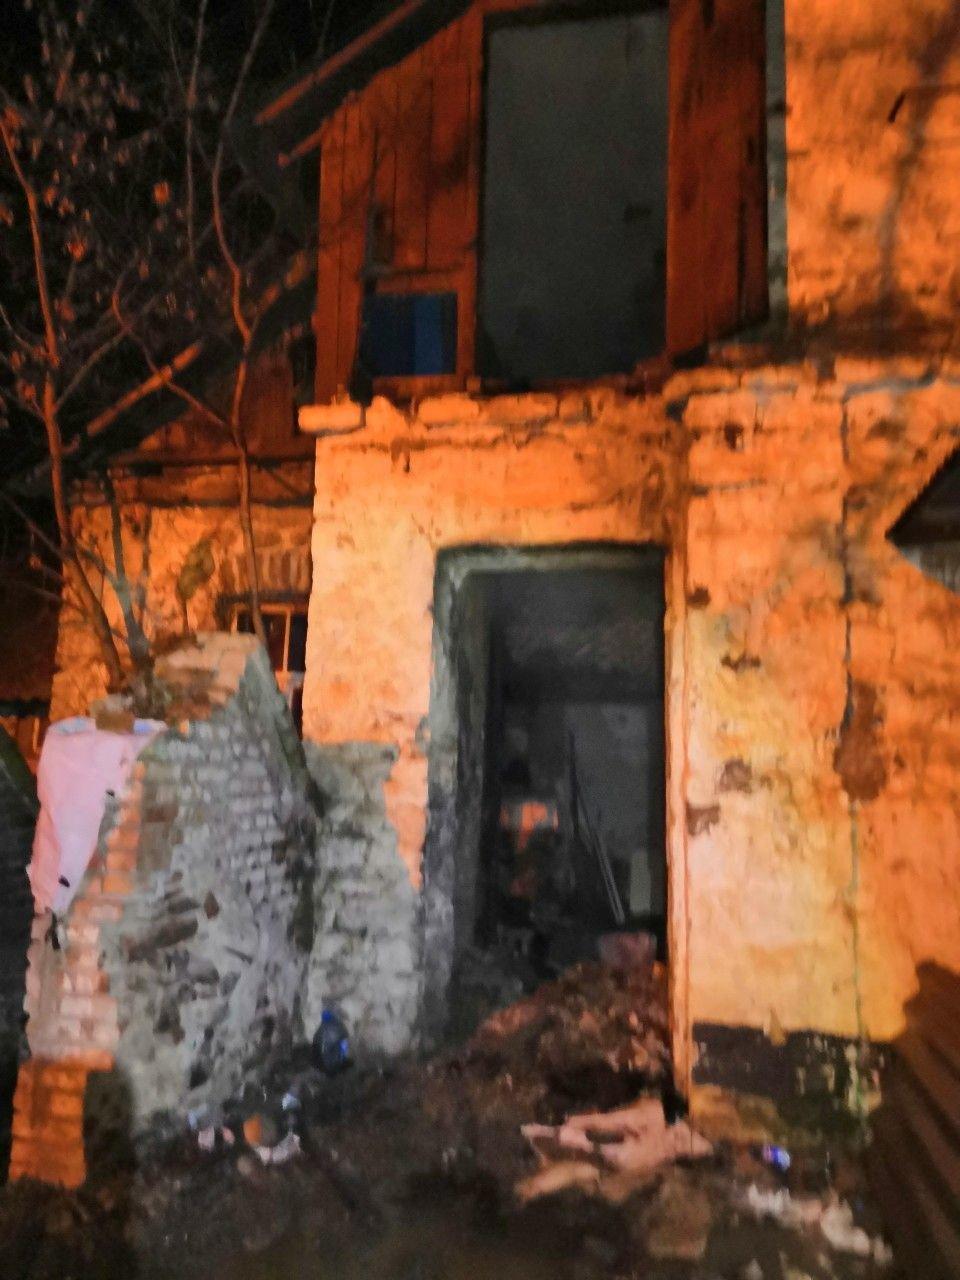 Ночью в Центрально-Городском районе Кривого Рога сгорел дом, - ФОТО, фото-1